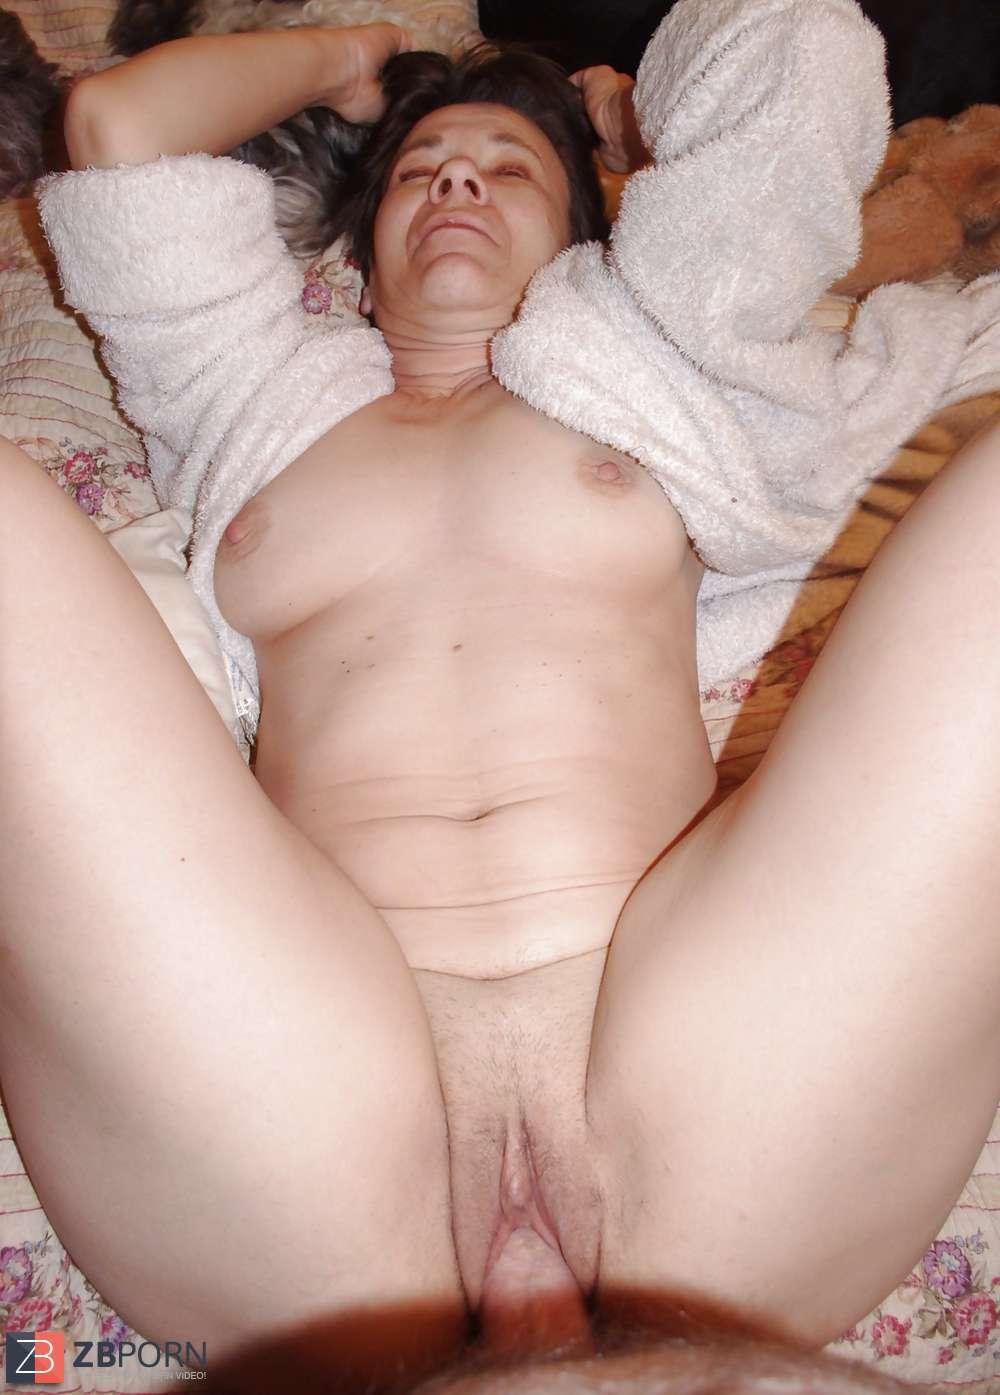 naked pinay woman images